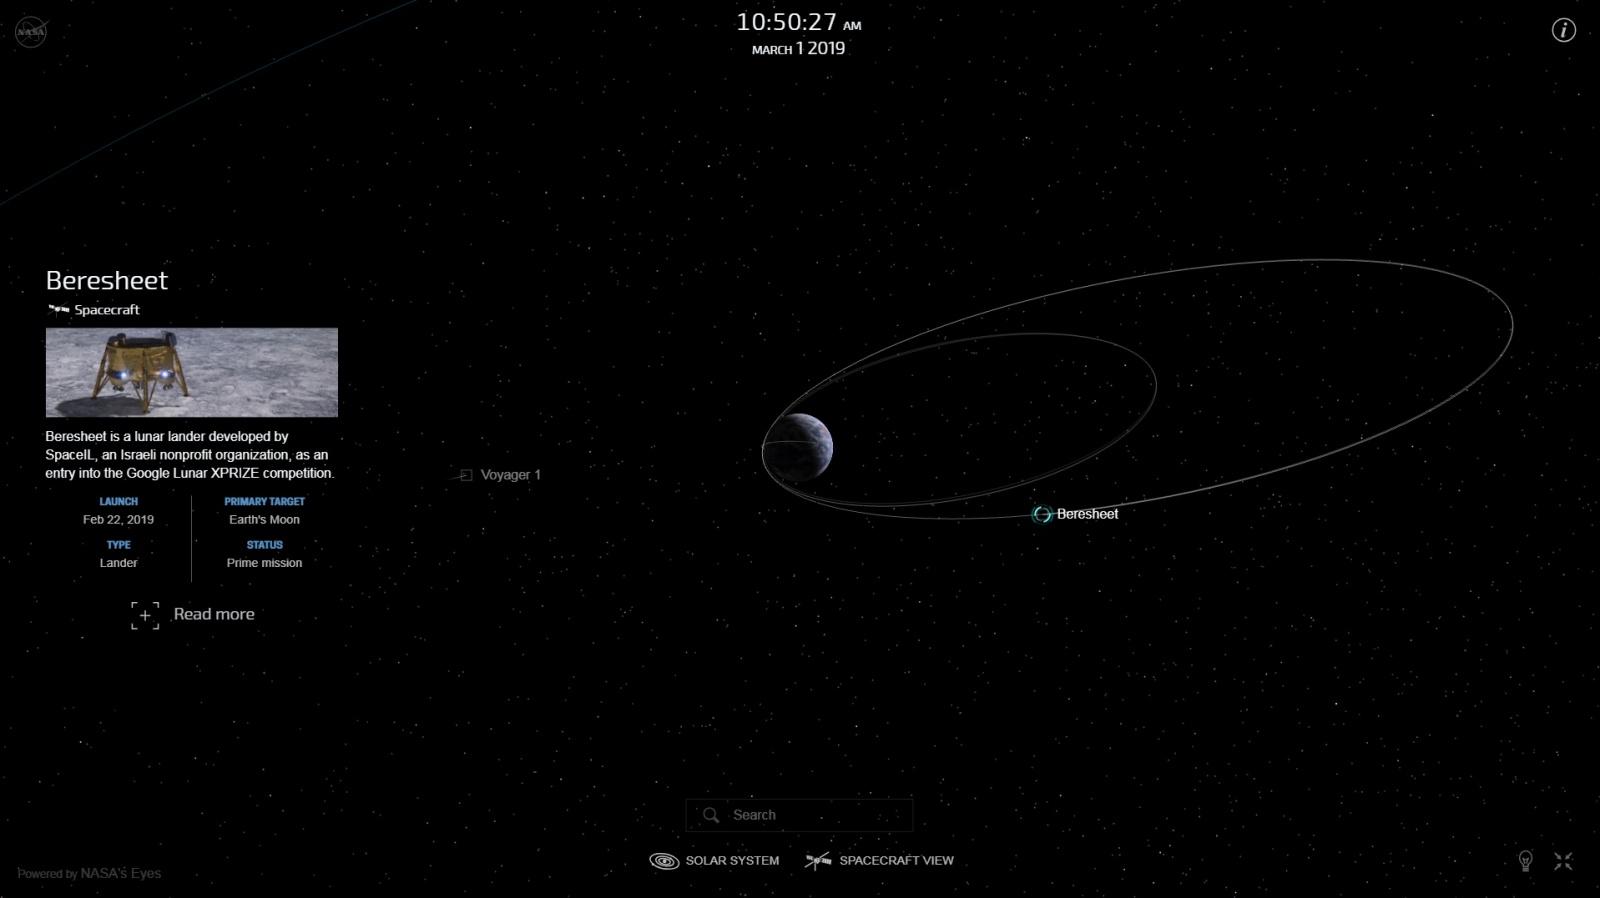 Лунная миссия «Берешит» – инженеры в ЦУП SpaceIL и Israel Aerospace Industries (IAI) решили возникшие проблемы - 15